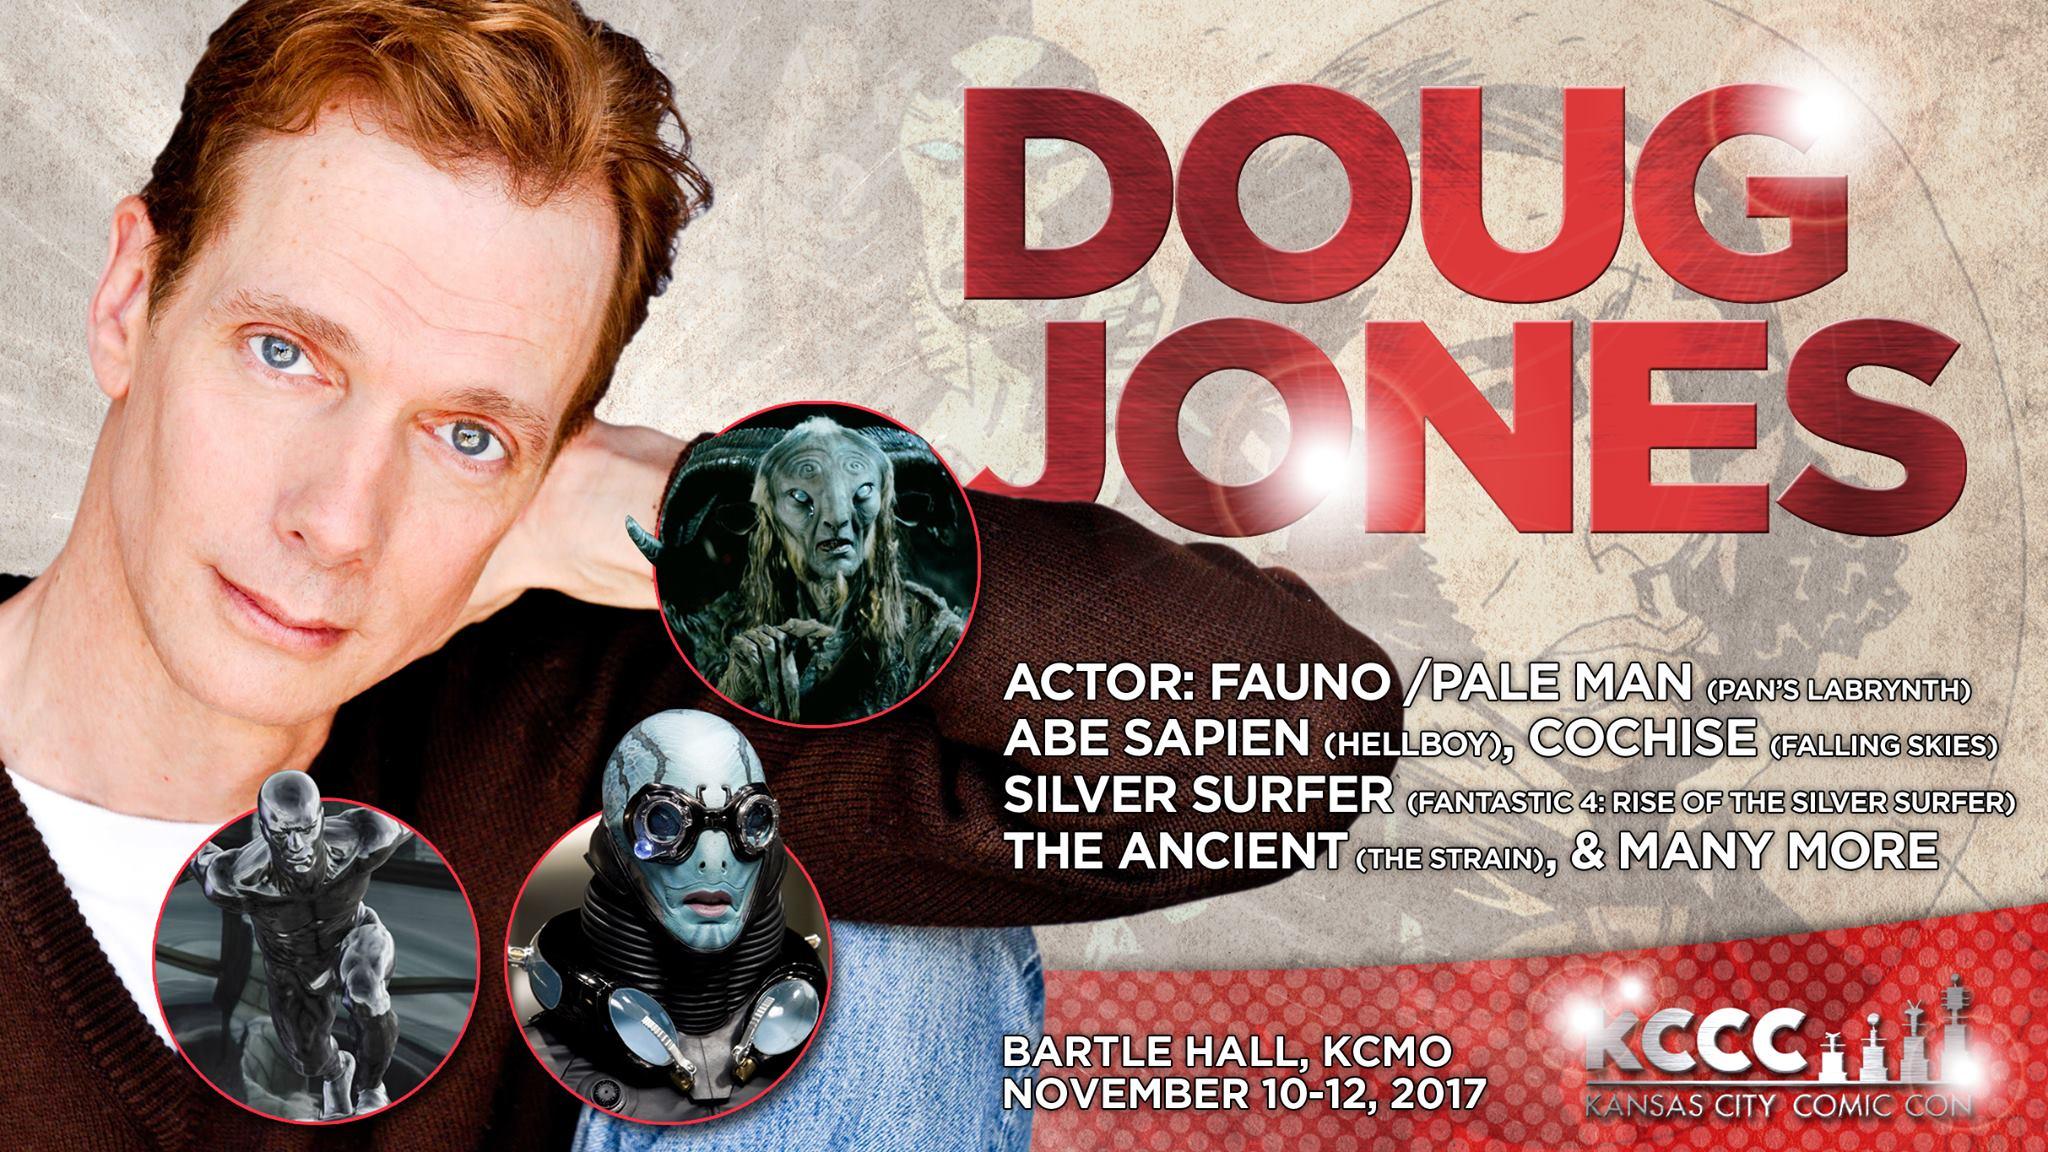 DougJones.jpg